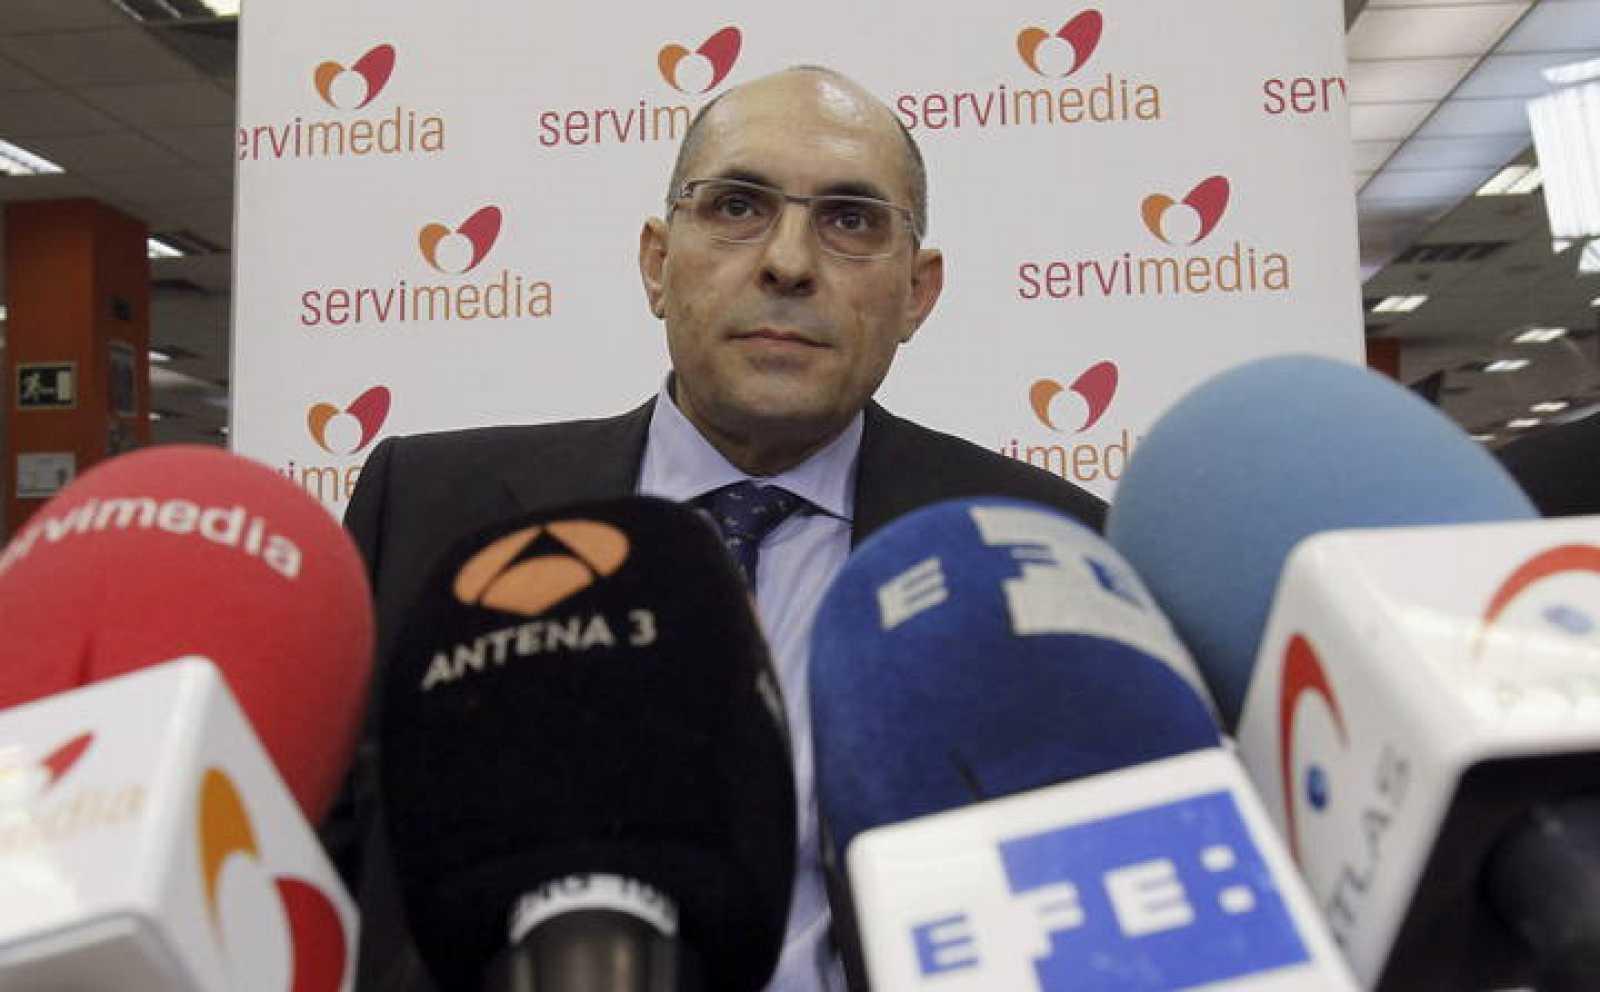 El juez Elpidio José Silva explica las novedades en el procedimiento abierto contra él.